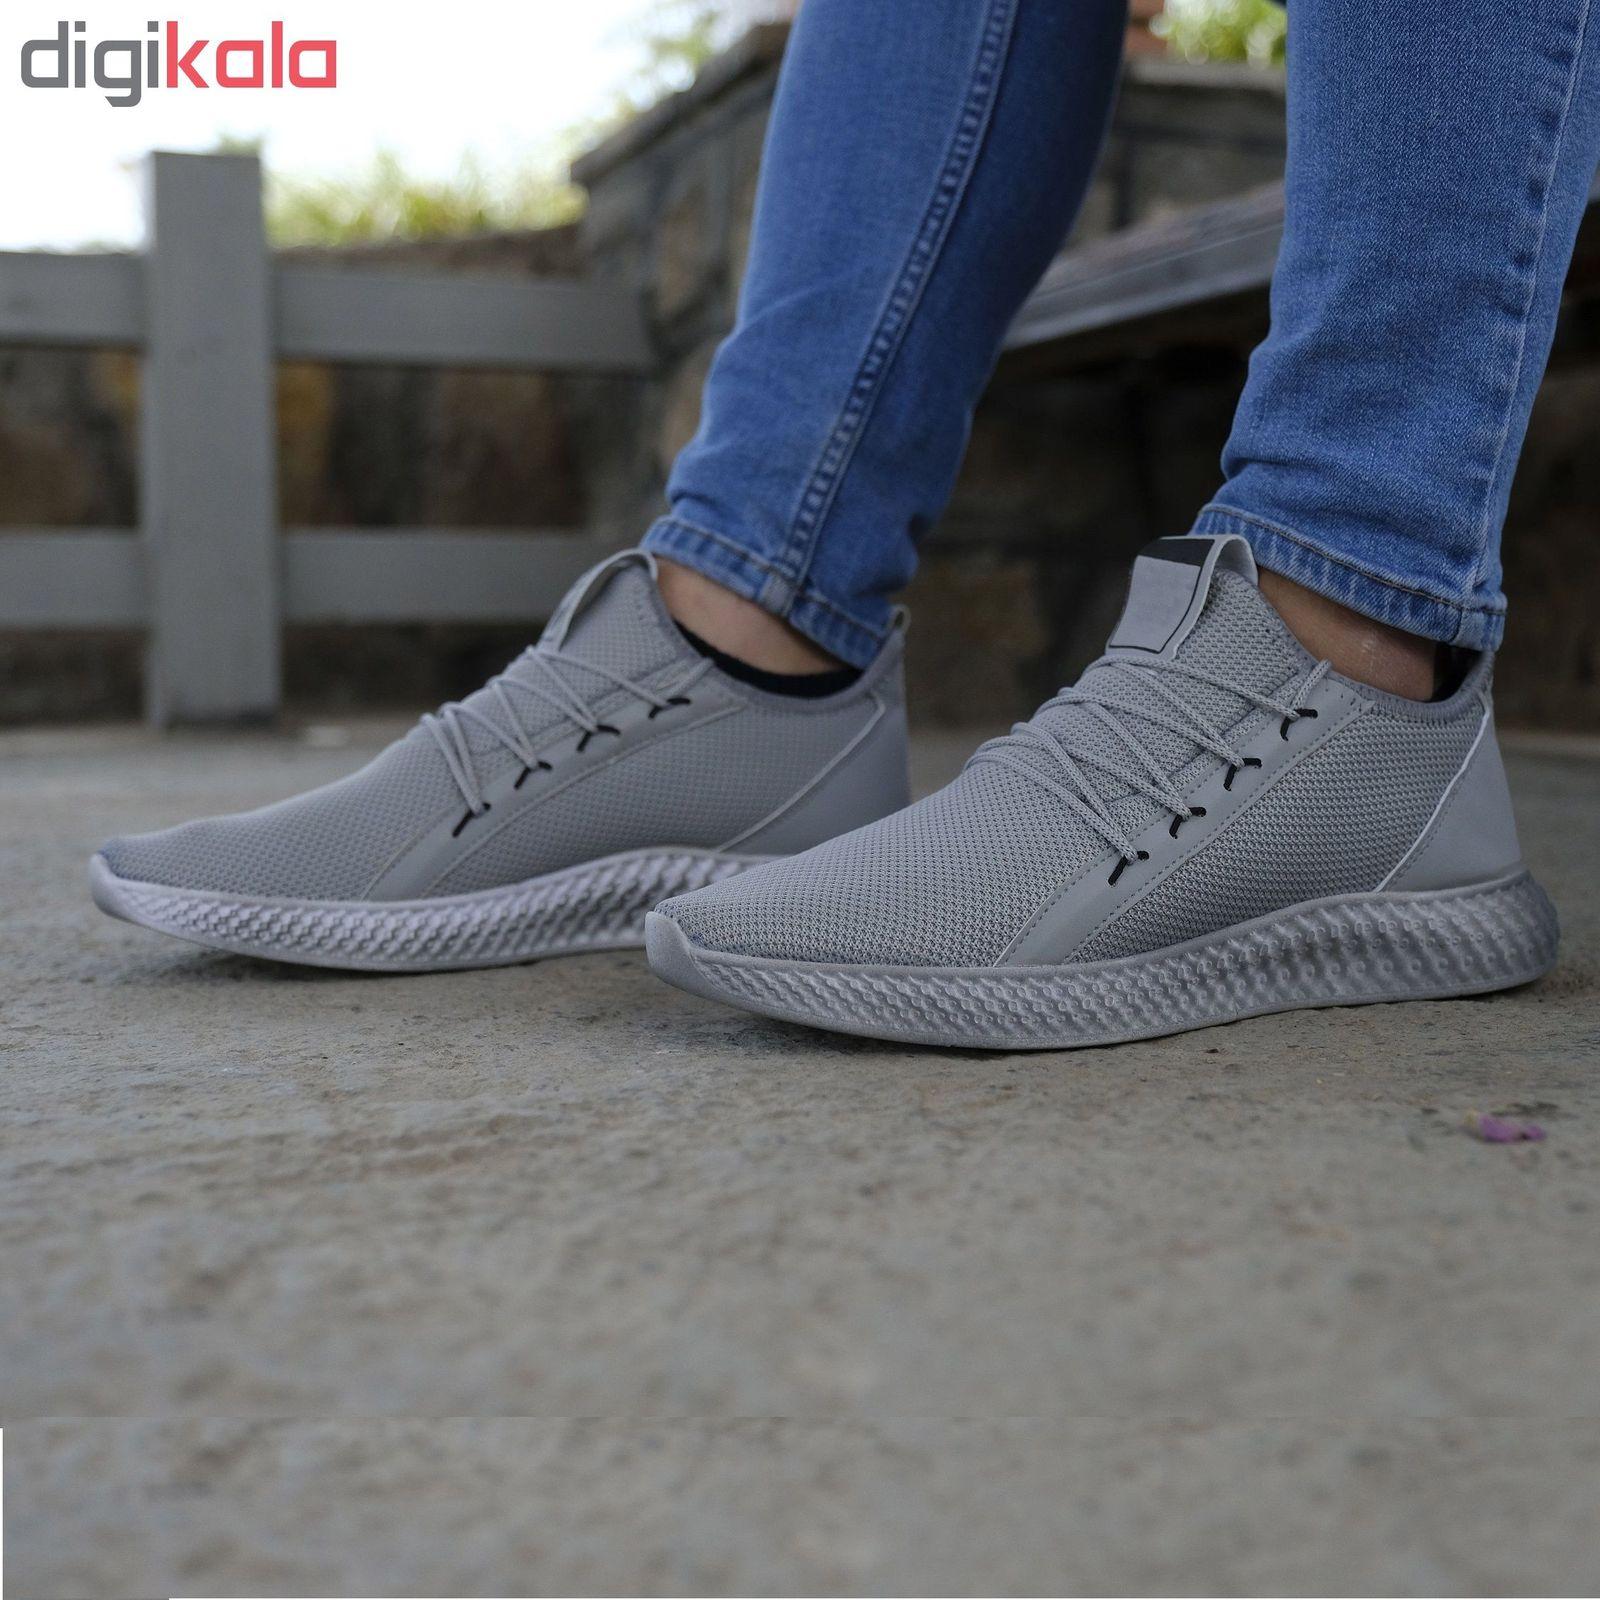 کفش مخصوص پیاده روی مردانه مدل adi-super رنگ طوسی main 1 3